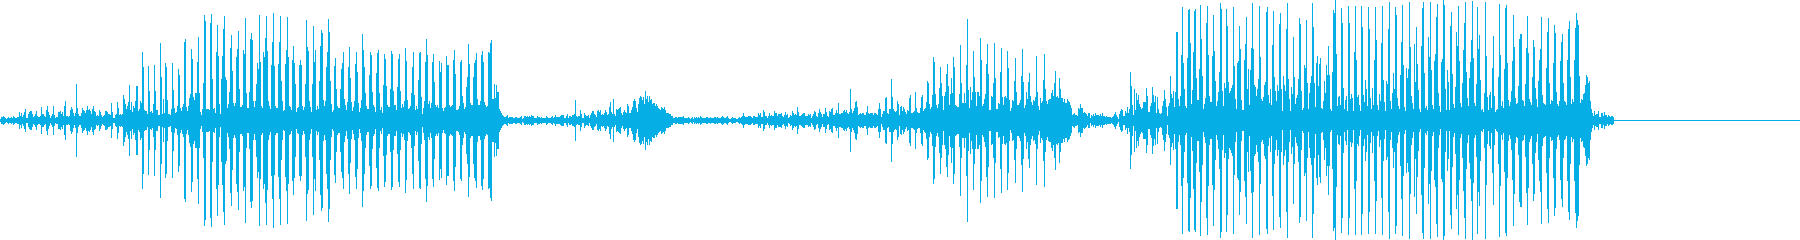 唾液、平均的な響きと奇妙な喉のうなりの再生済みの波形